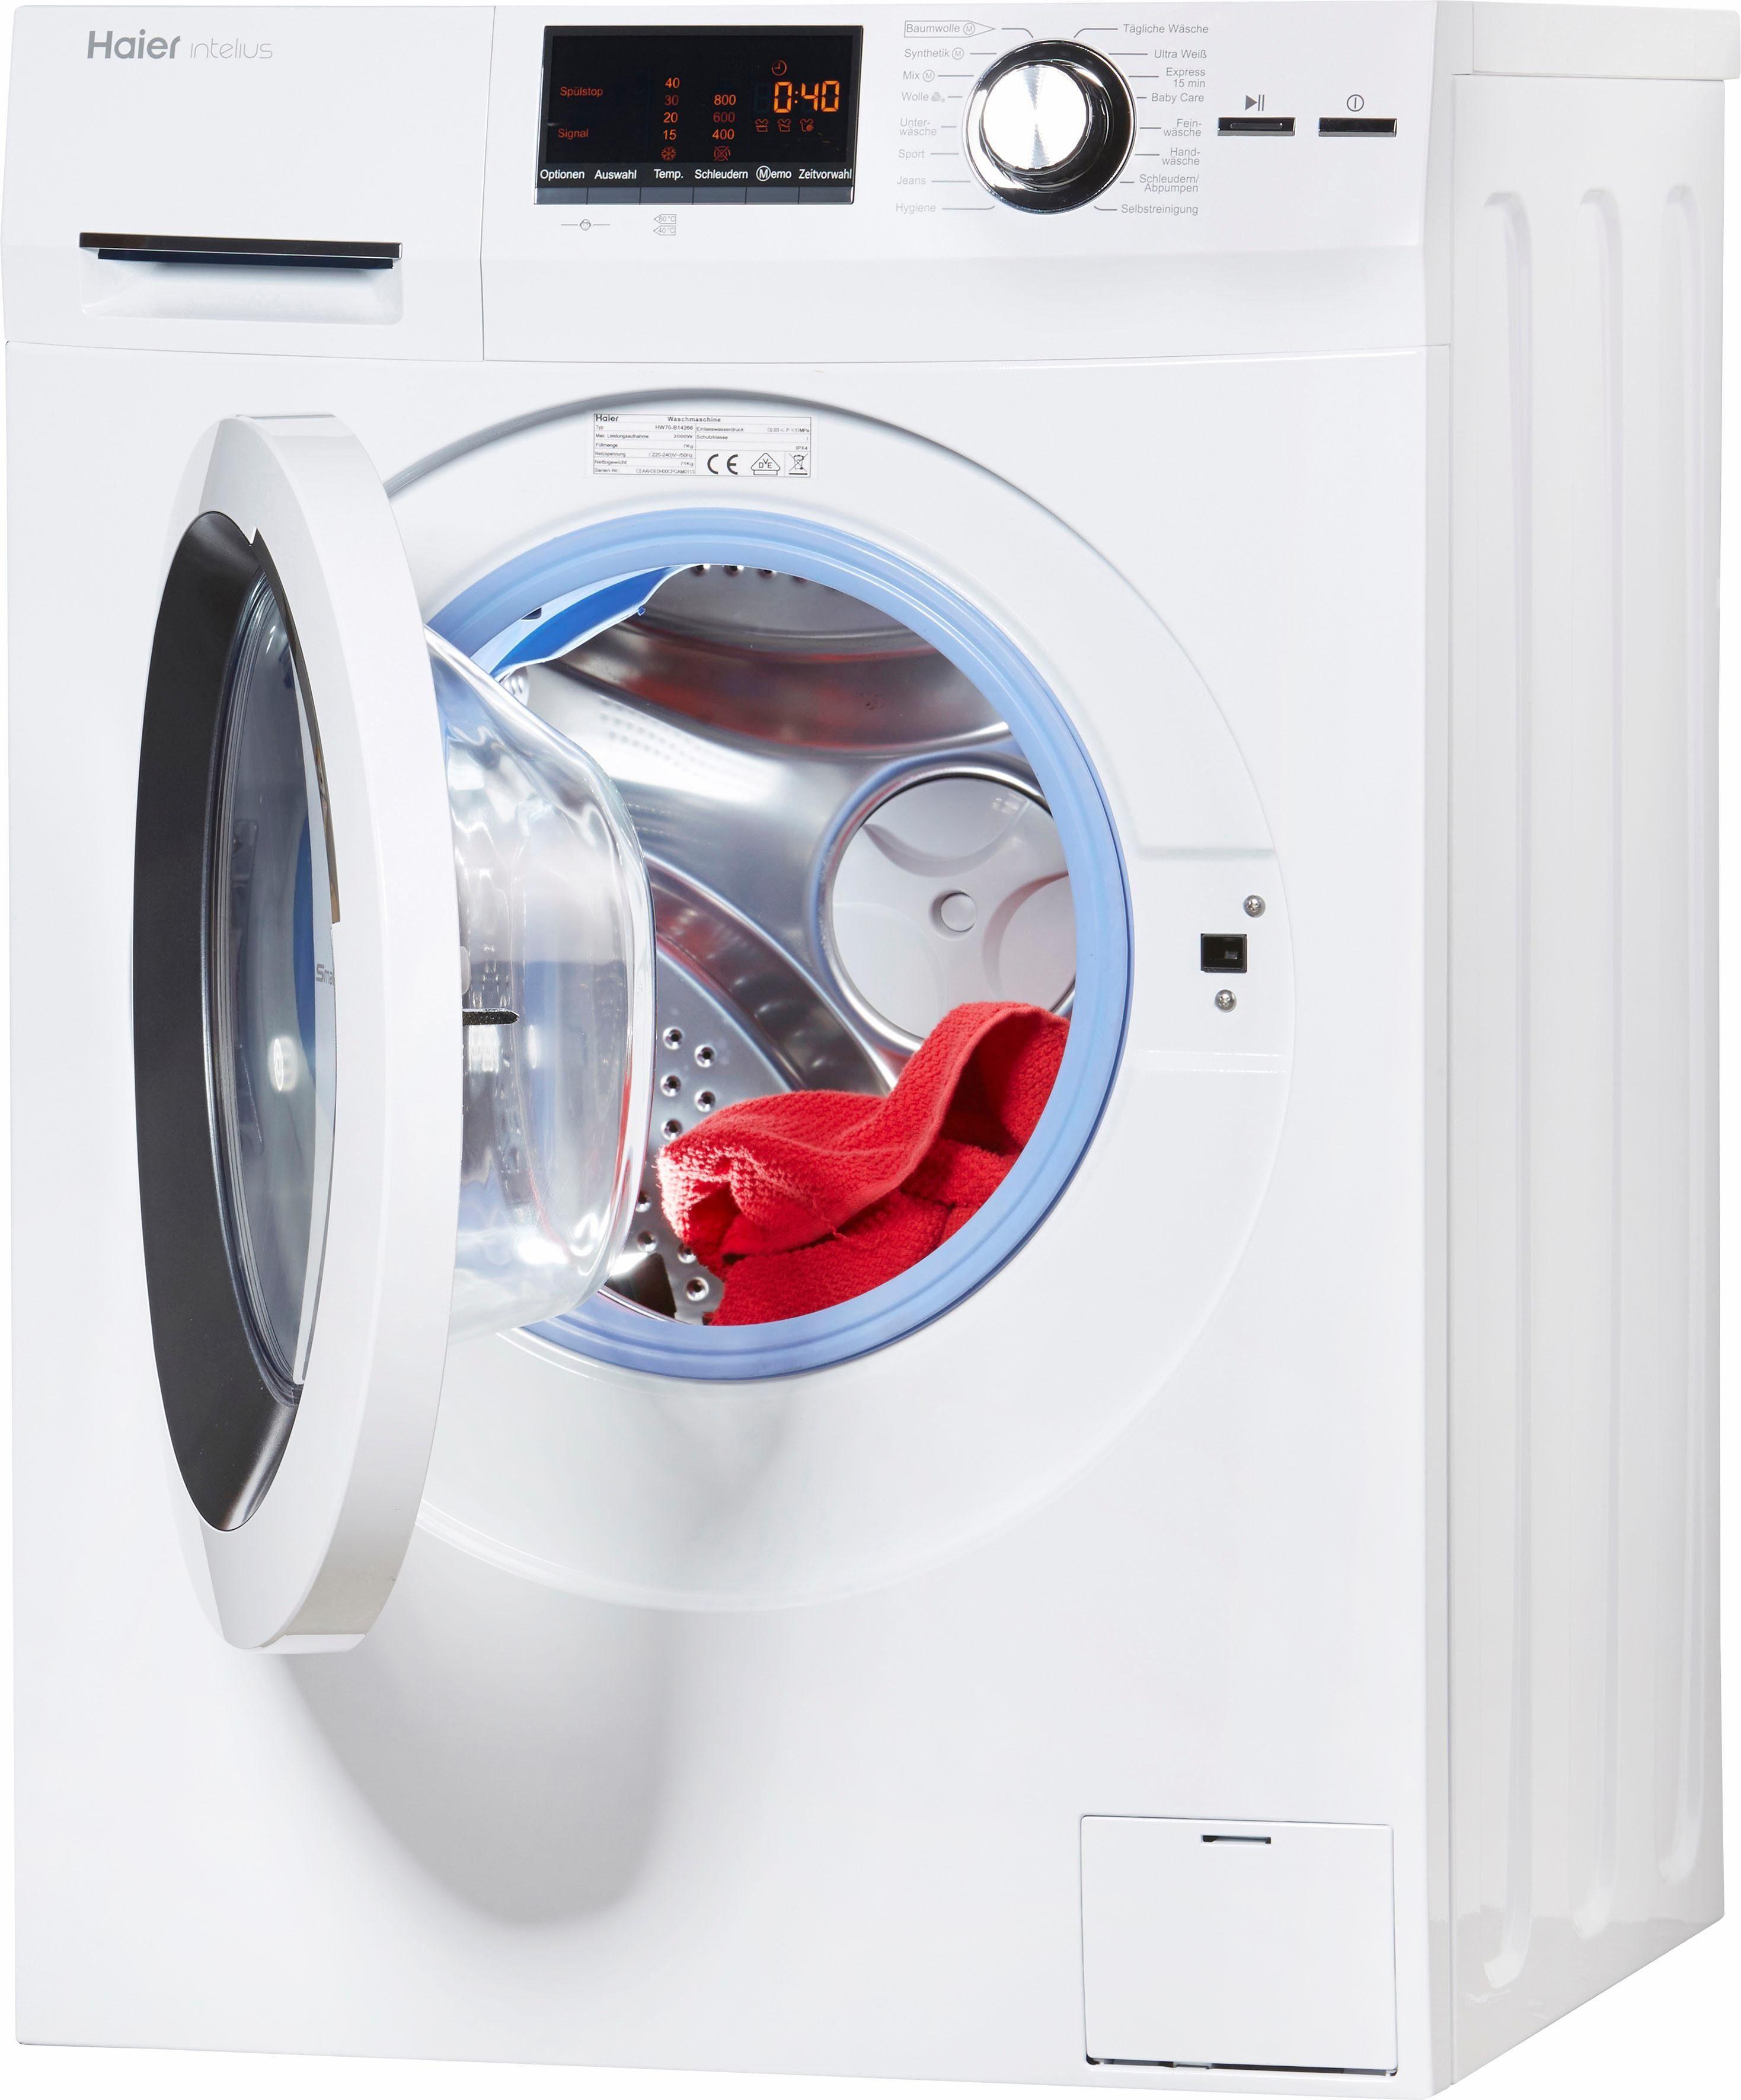 Haier Waschmaschine HW80-B14266, 8 kg, 1400 U/Min